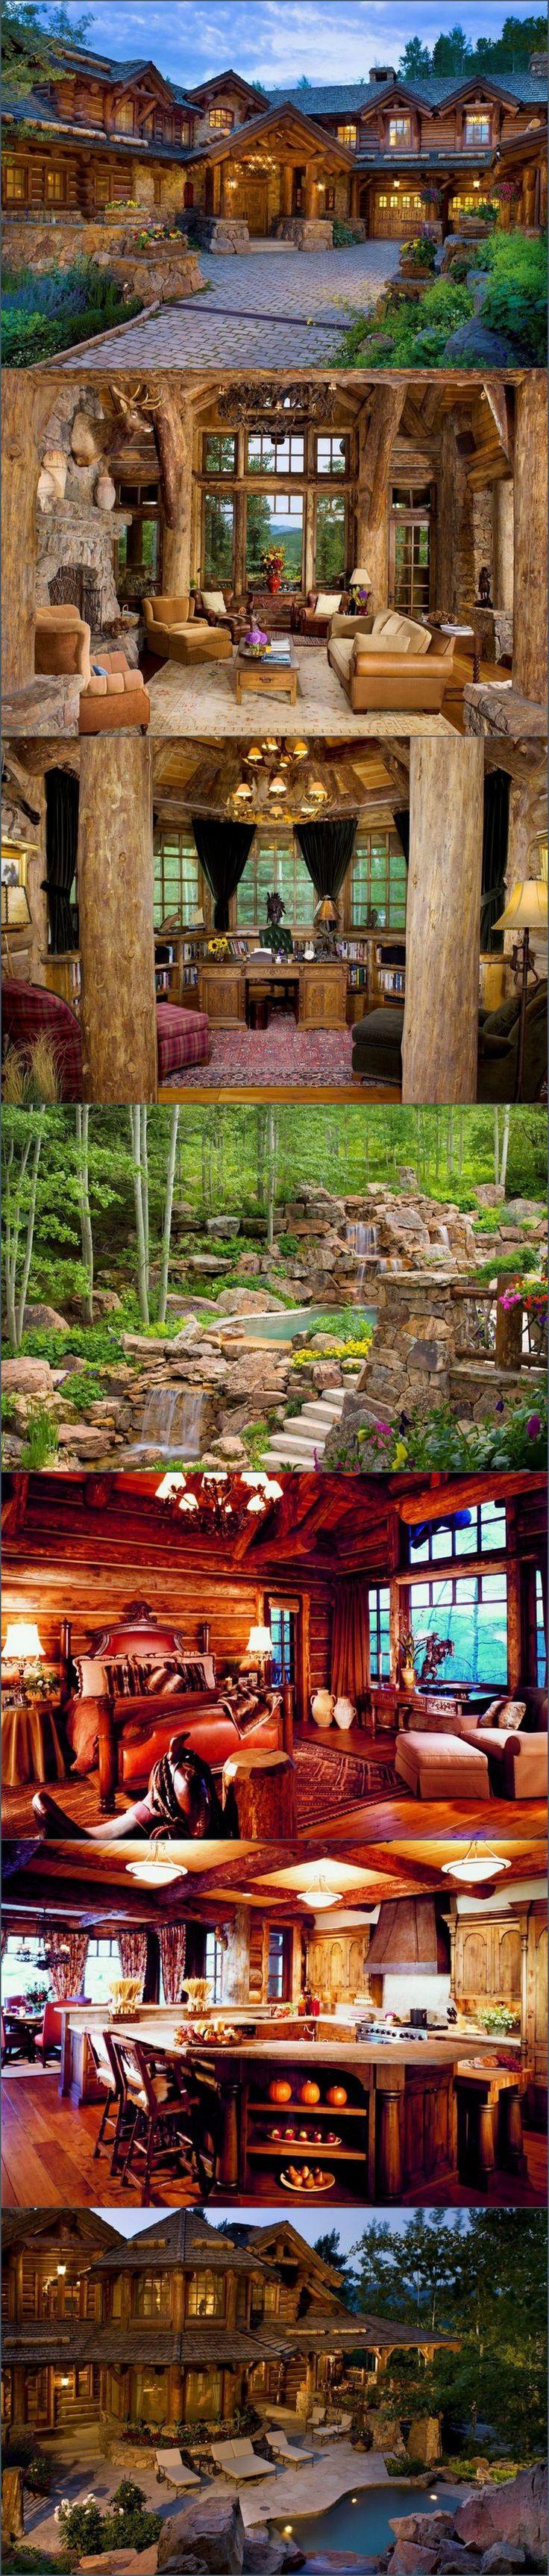 Strawberry Park Lodge - Beaver Creek, Colorado